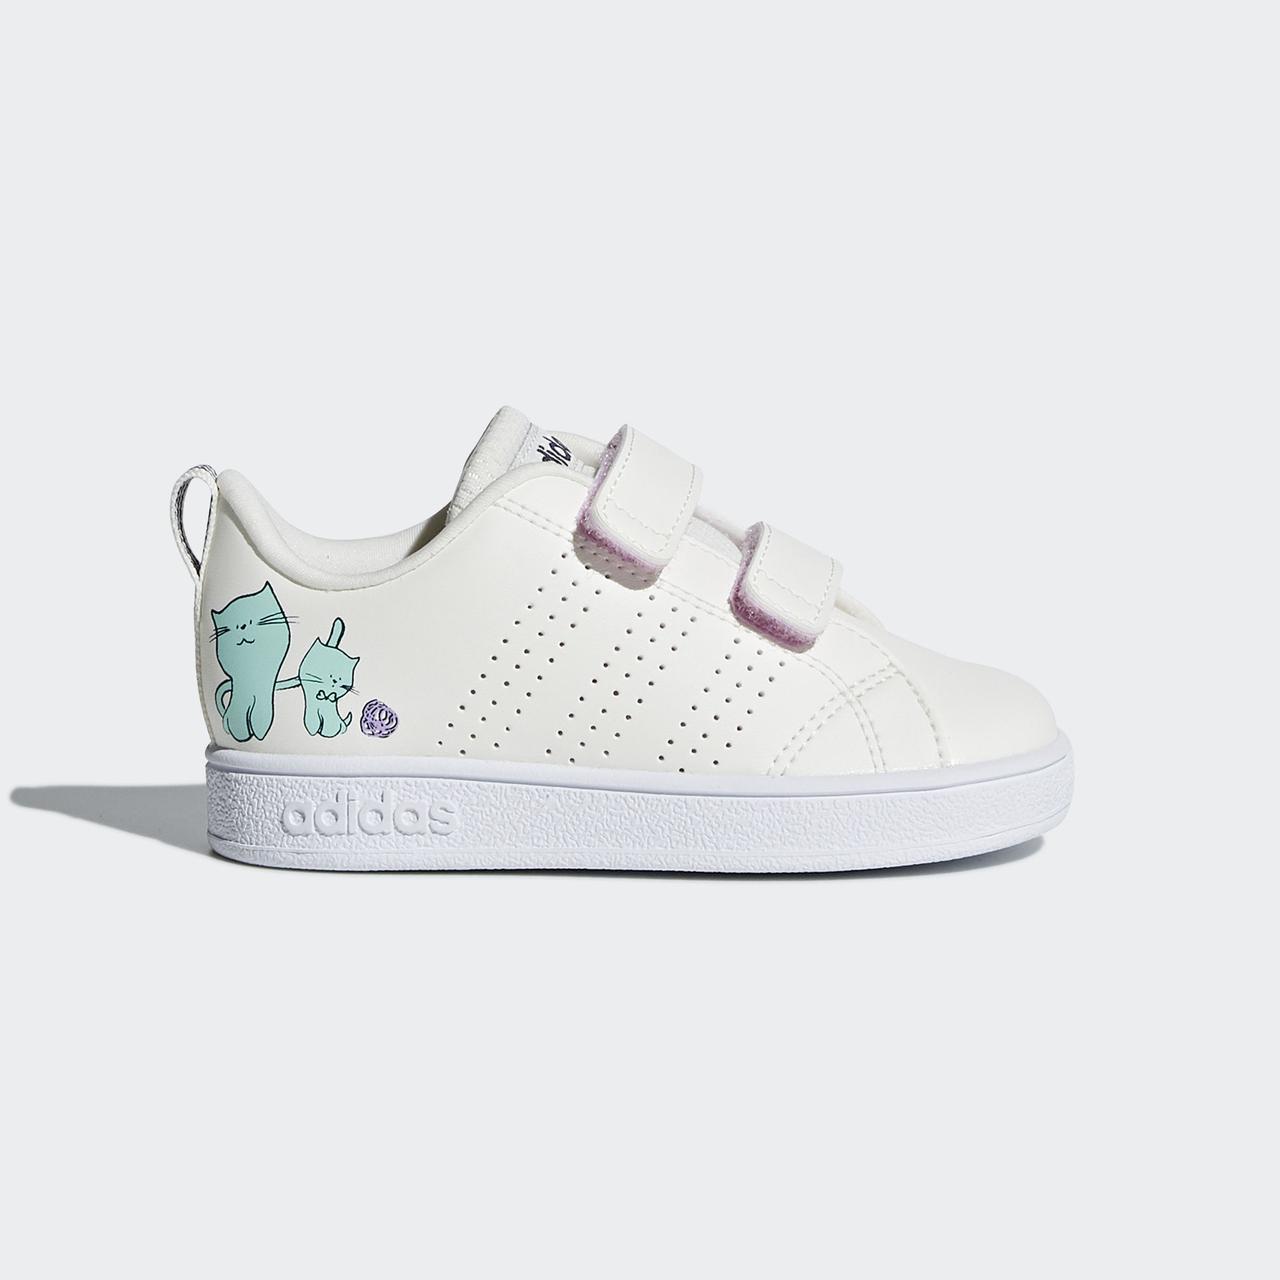 06563e659 Детские кроссовки Adidas Neo VS Advantage Clean I (Артикул: B75969) -  Интернет-